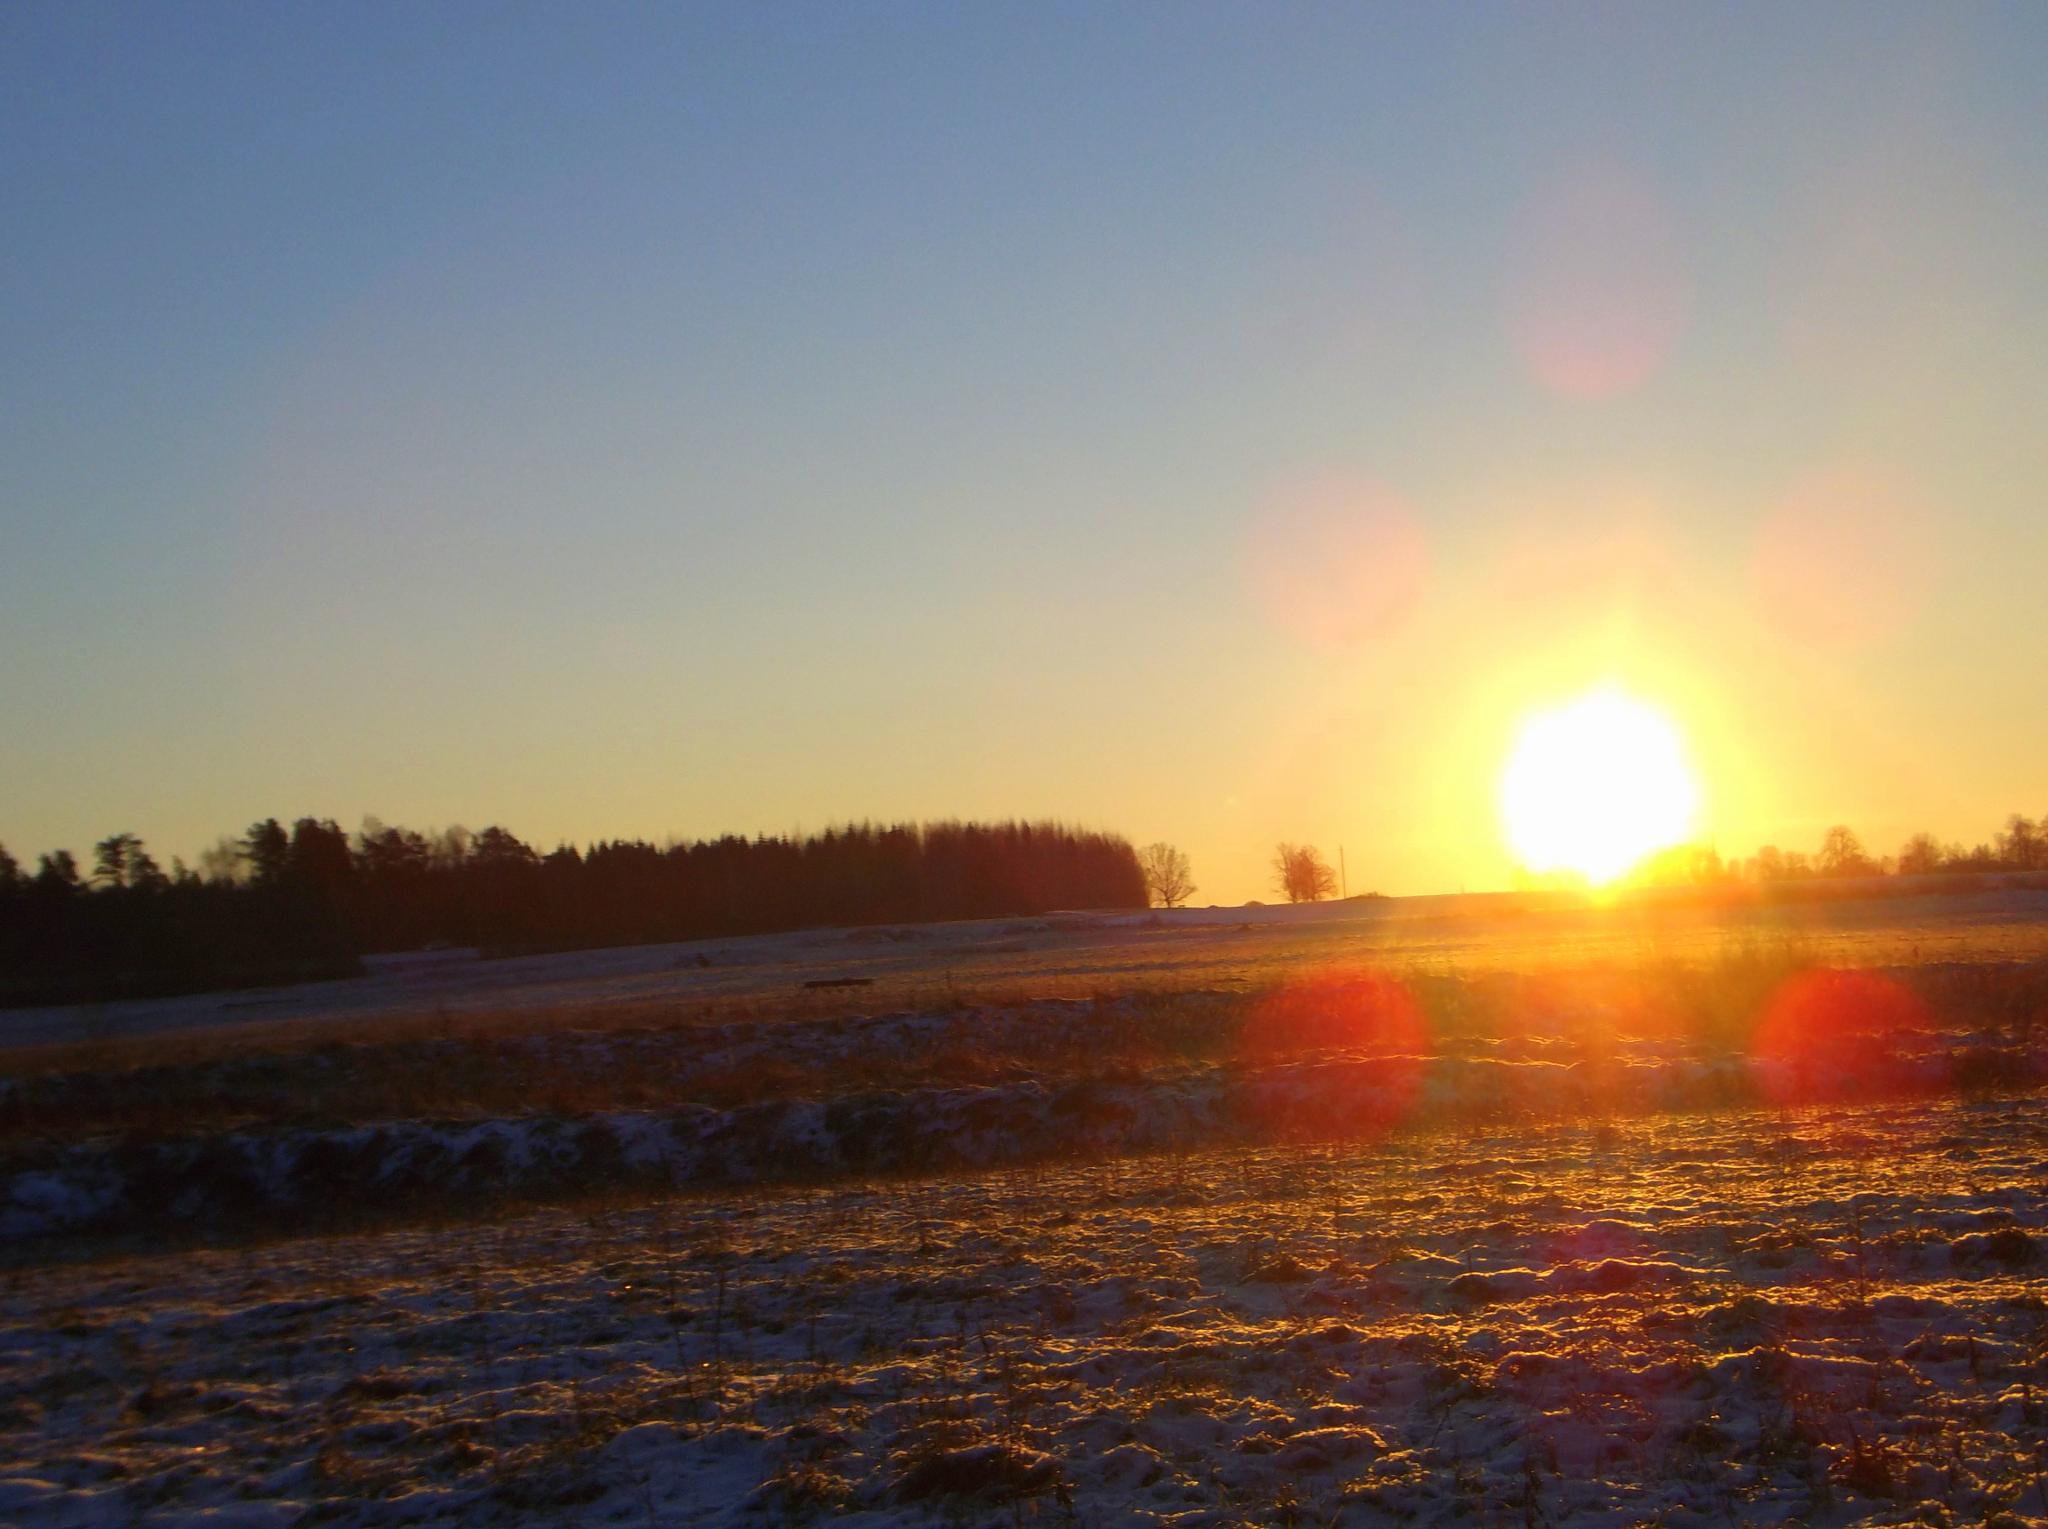 Morning by Zita Užkuraitienė